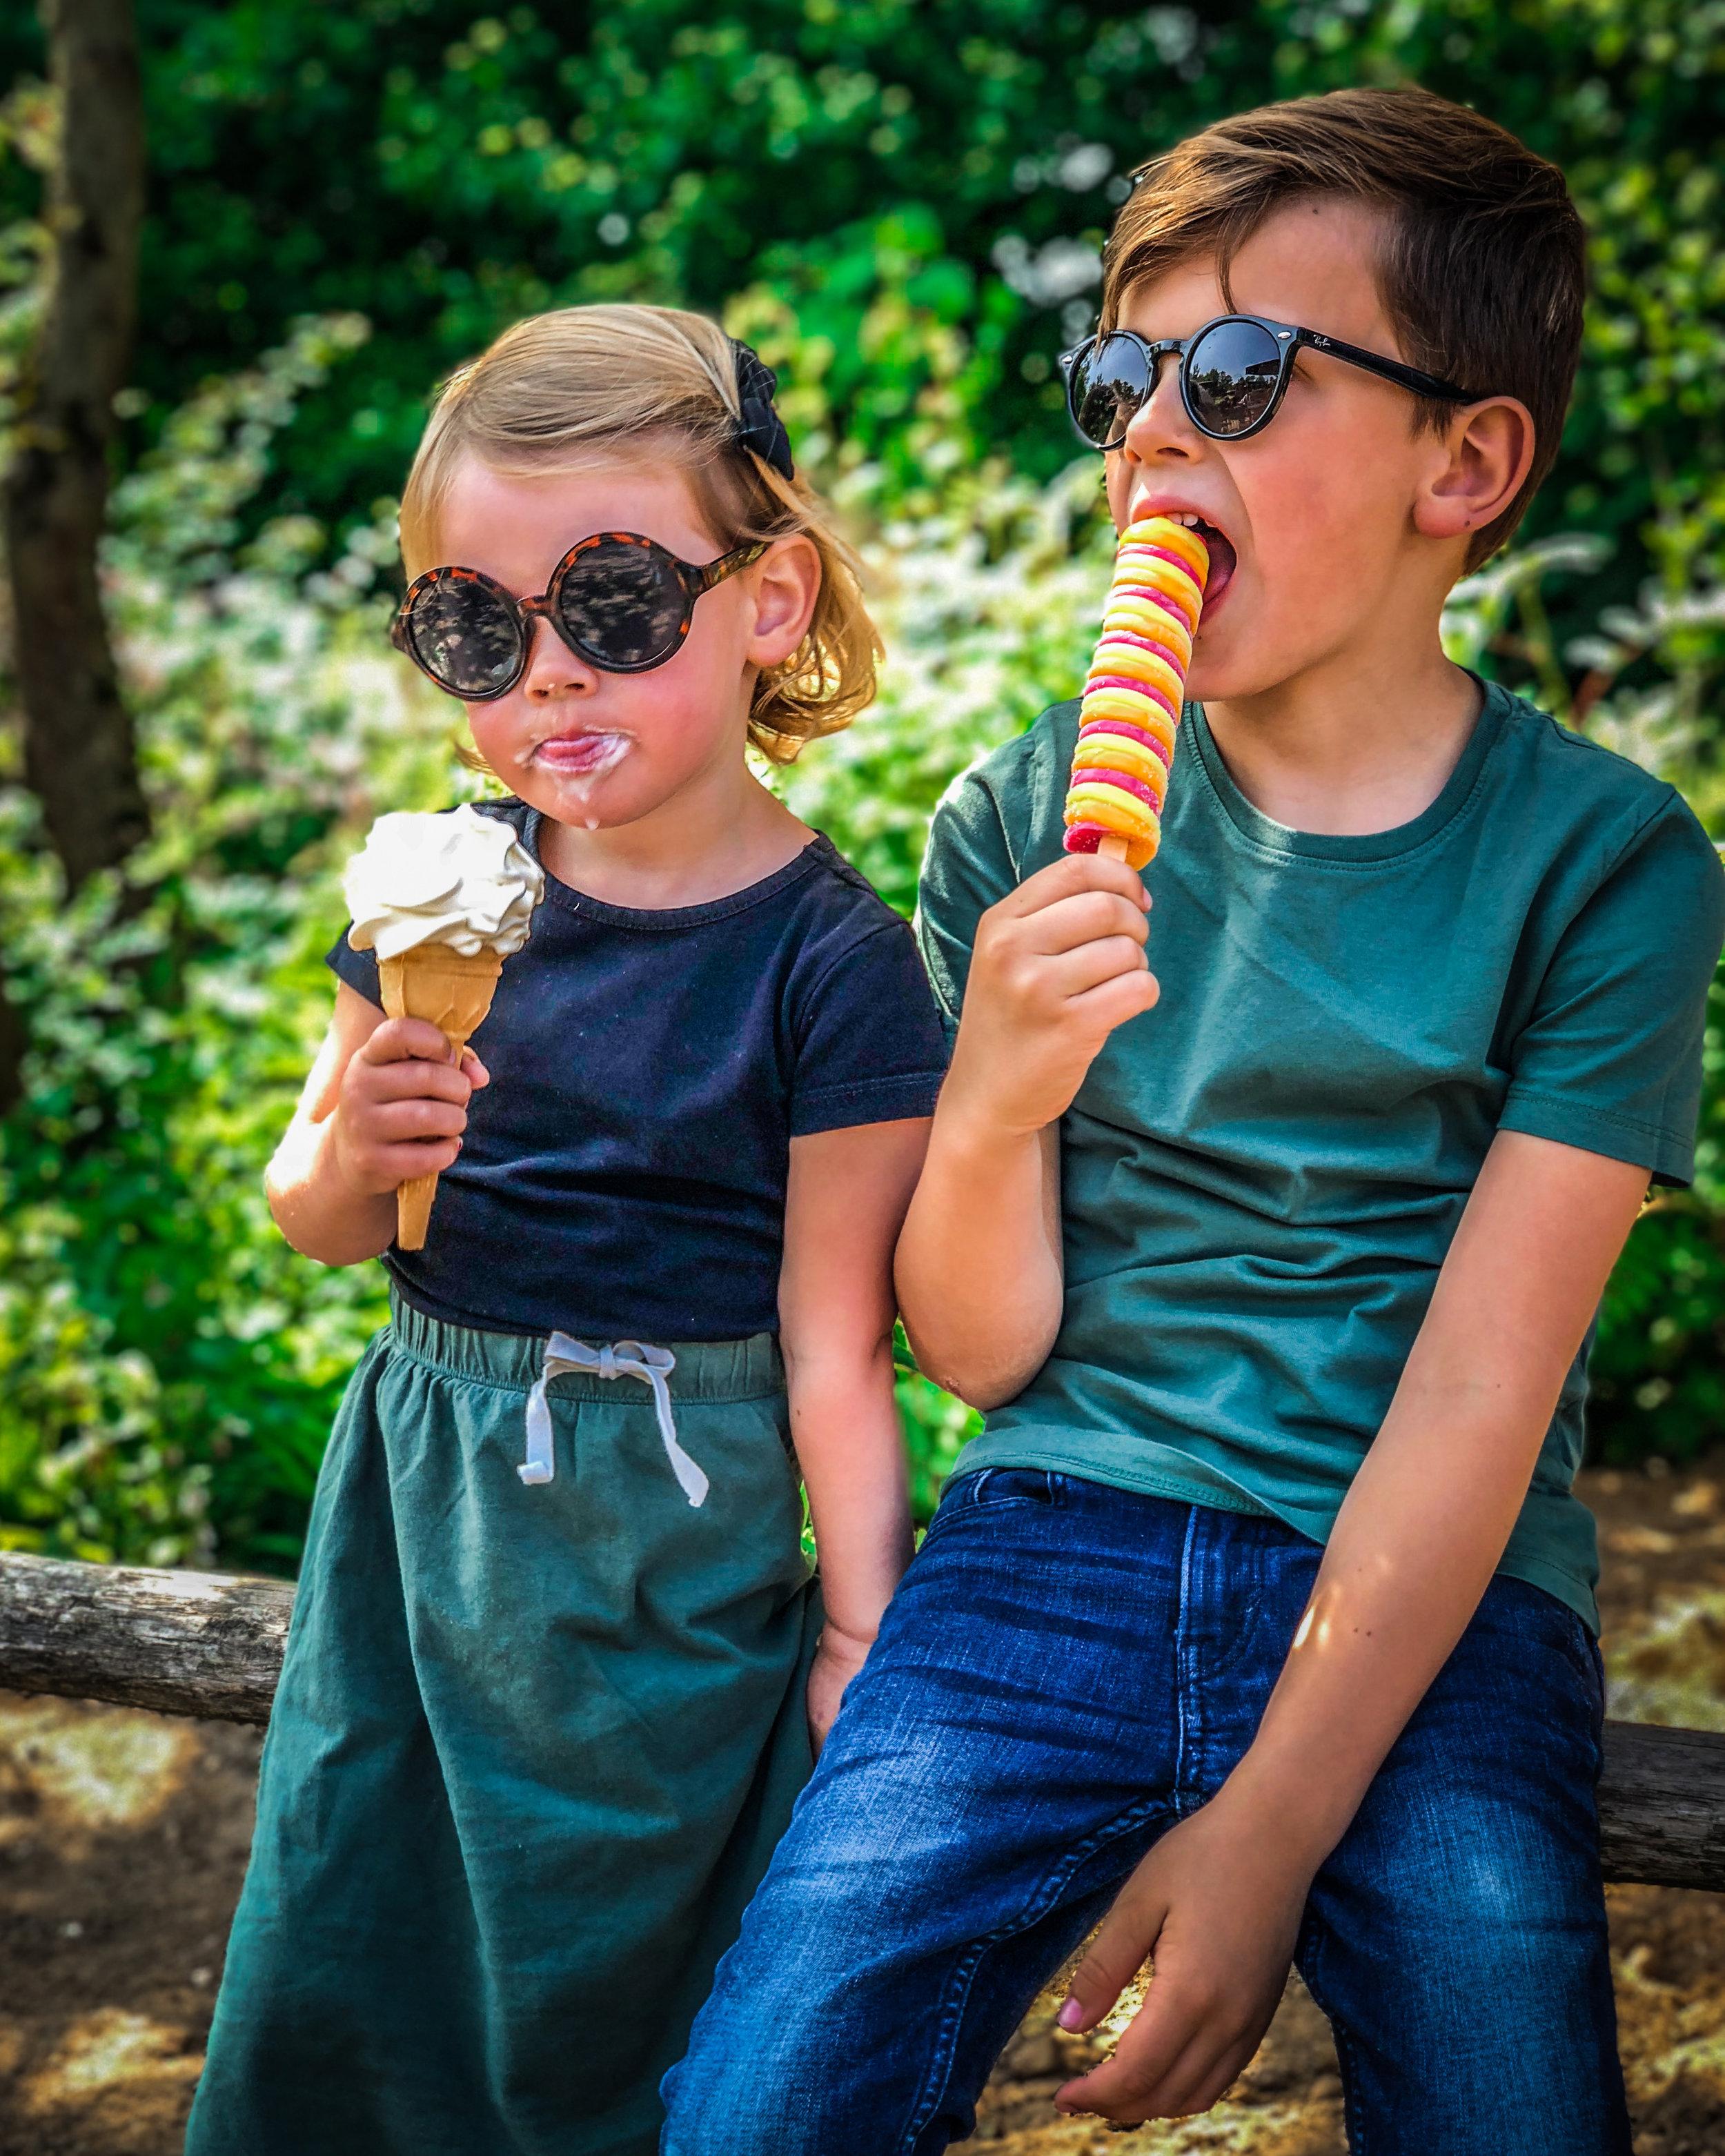 Limburglonkt - Kerkrade Gaiazoo - kinderen moet ijsjes